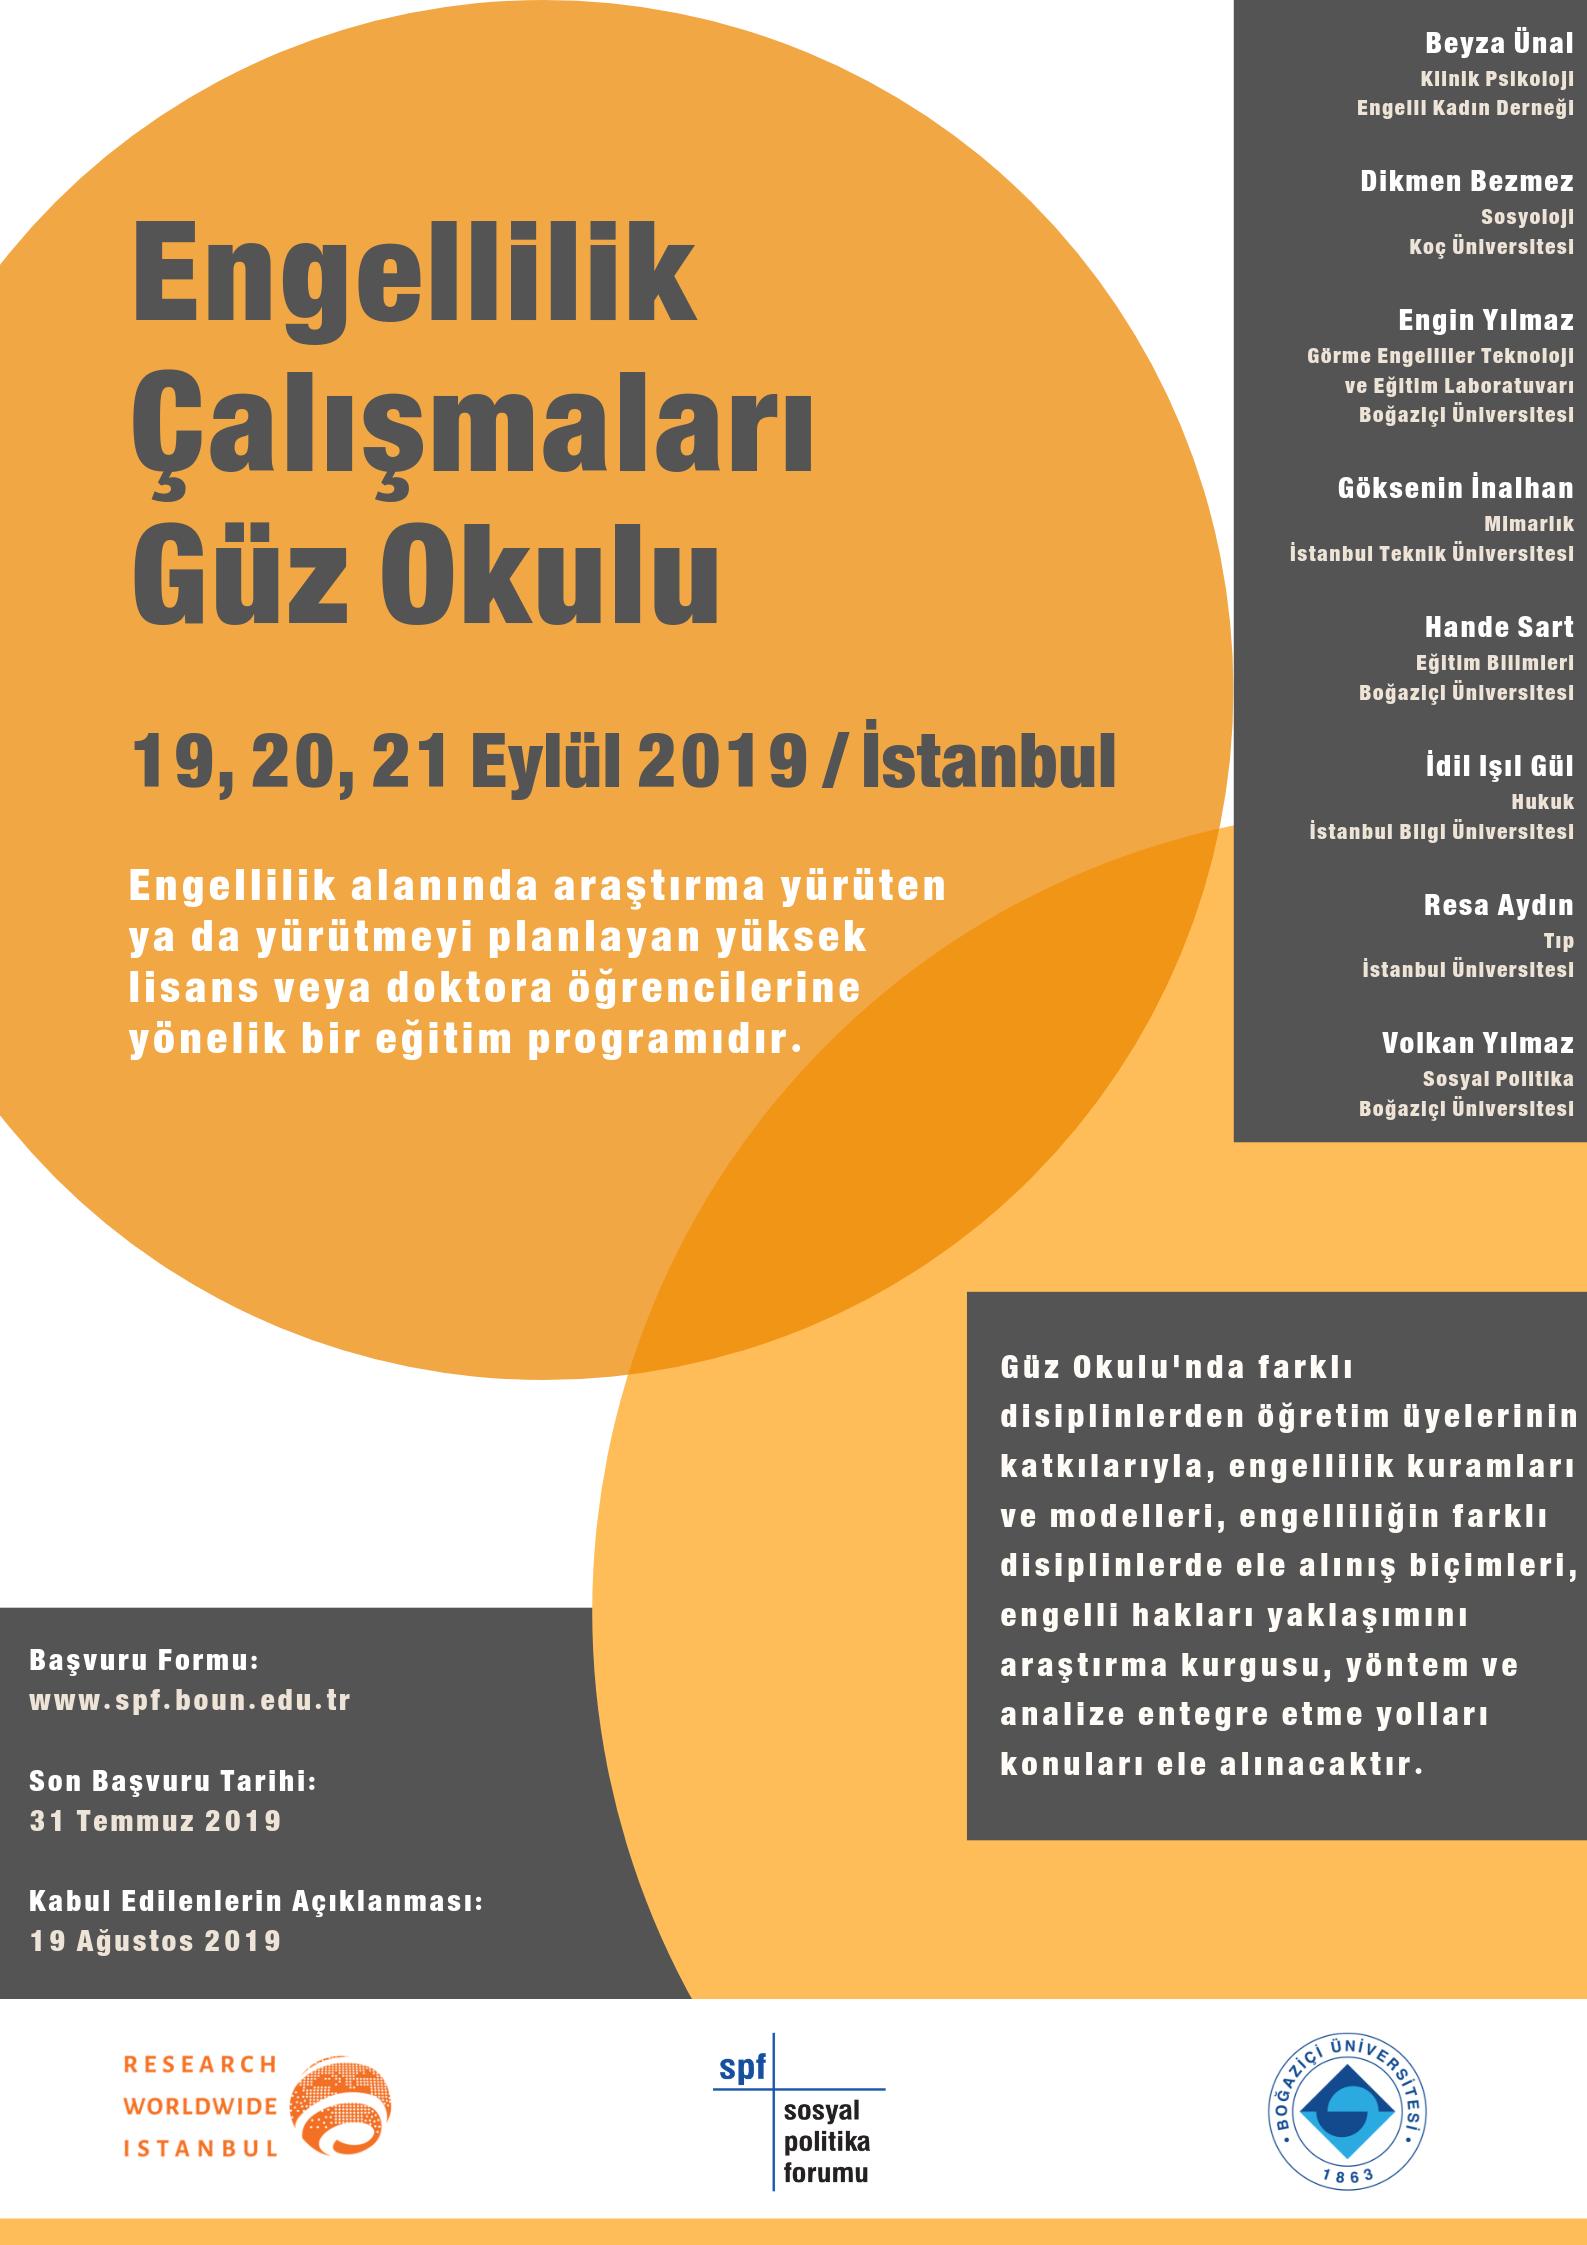 Boğaziçi Üniversitesi Sosyal Politika Forumu ve Research Worldwide Istanbul ortaklığında Engellilik Çalışmaları Güz Okulu